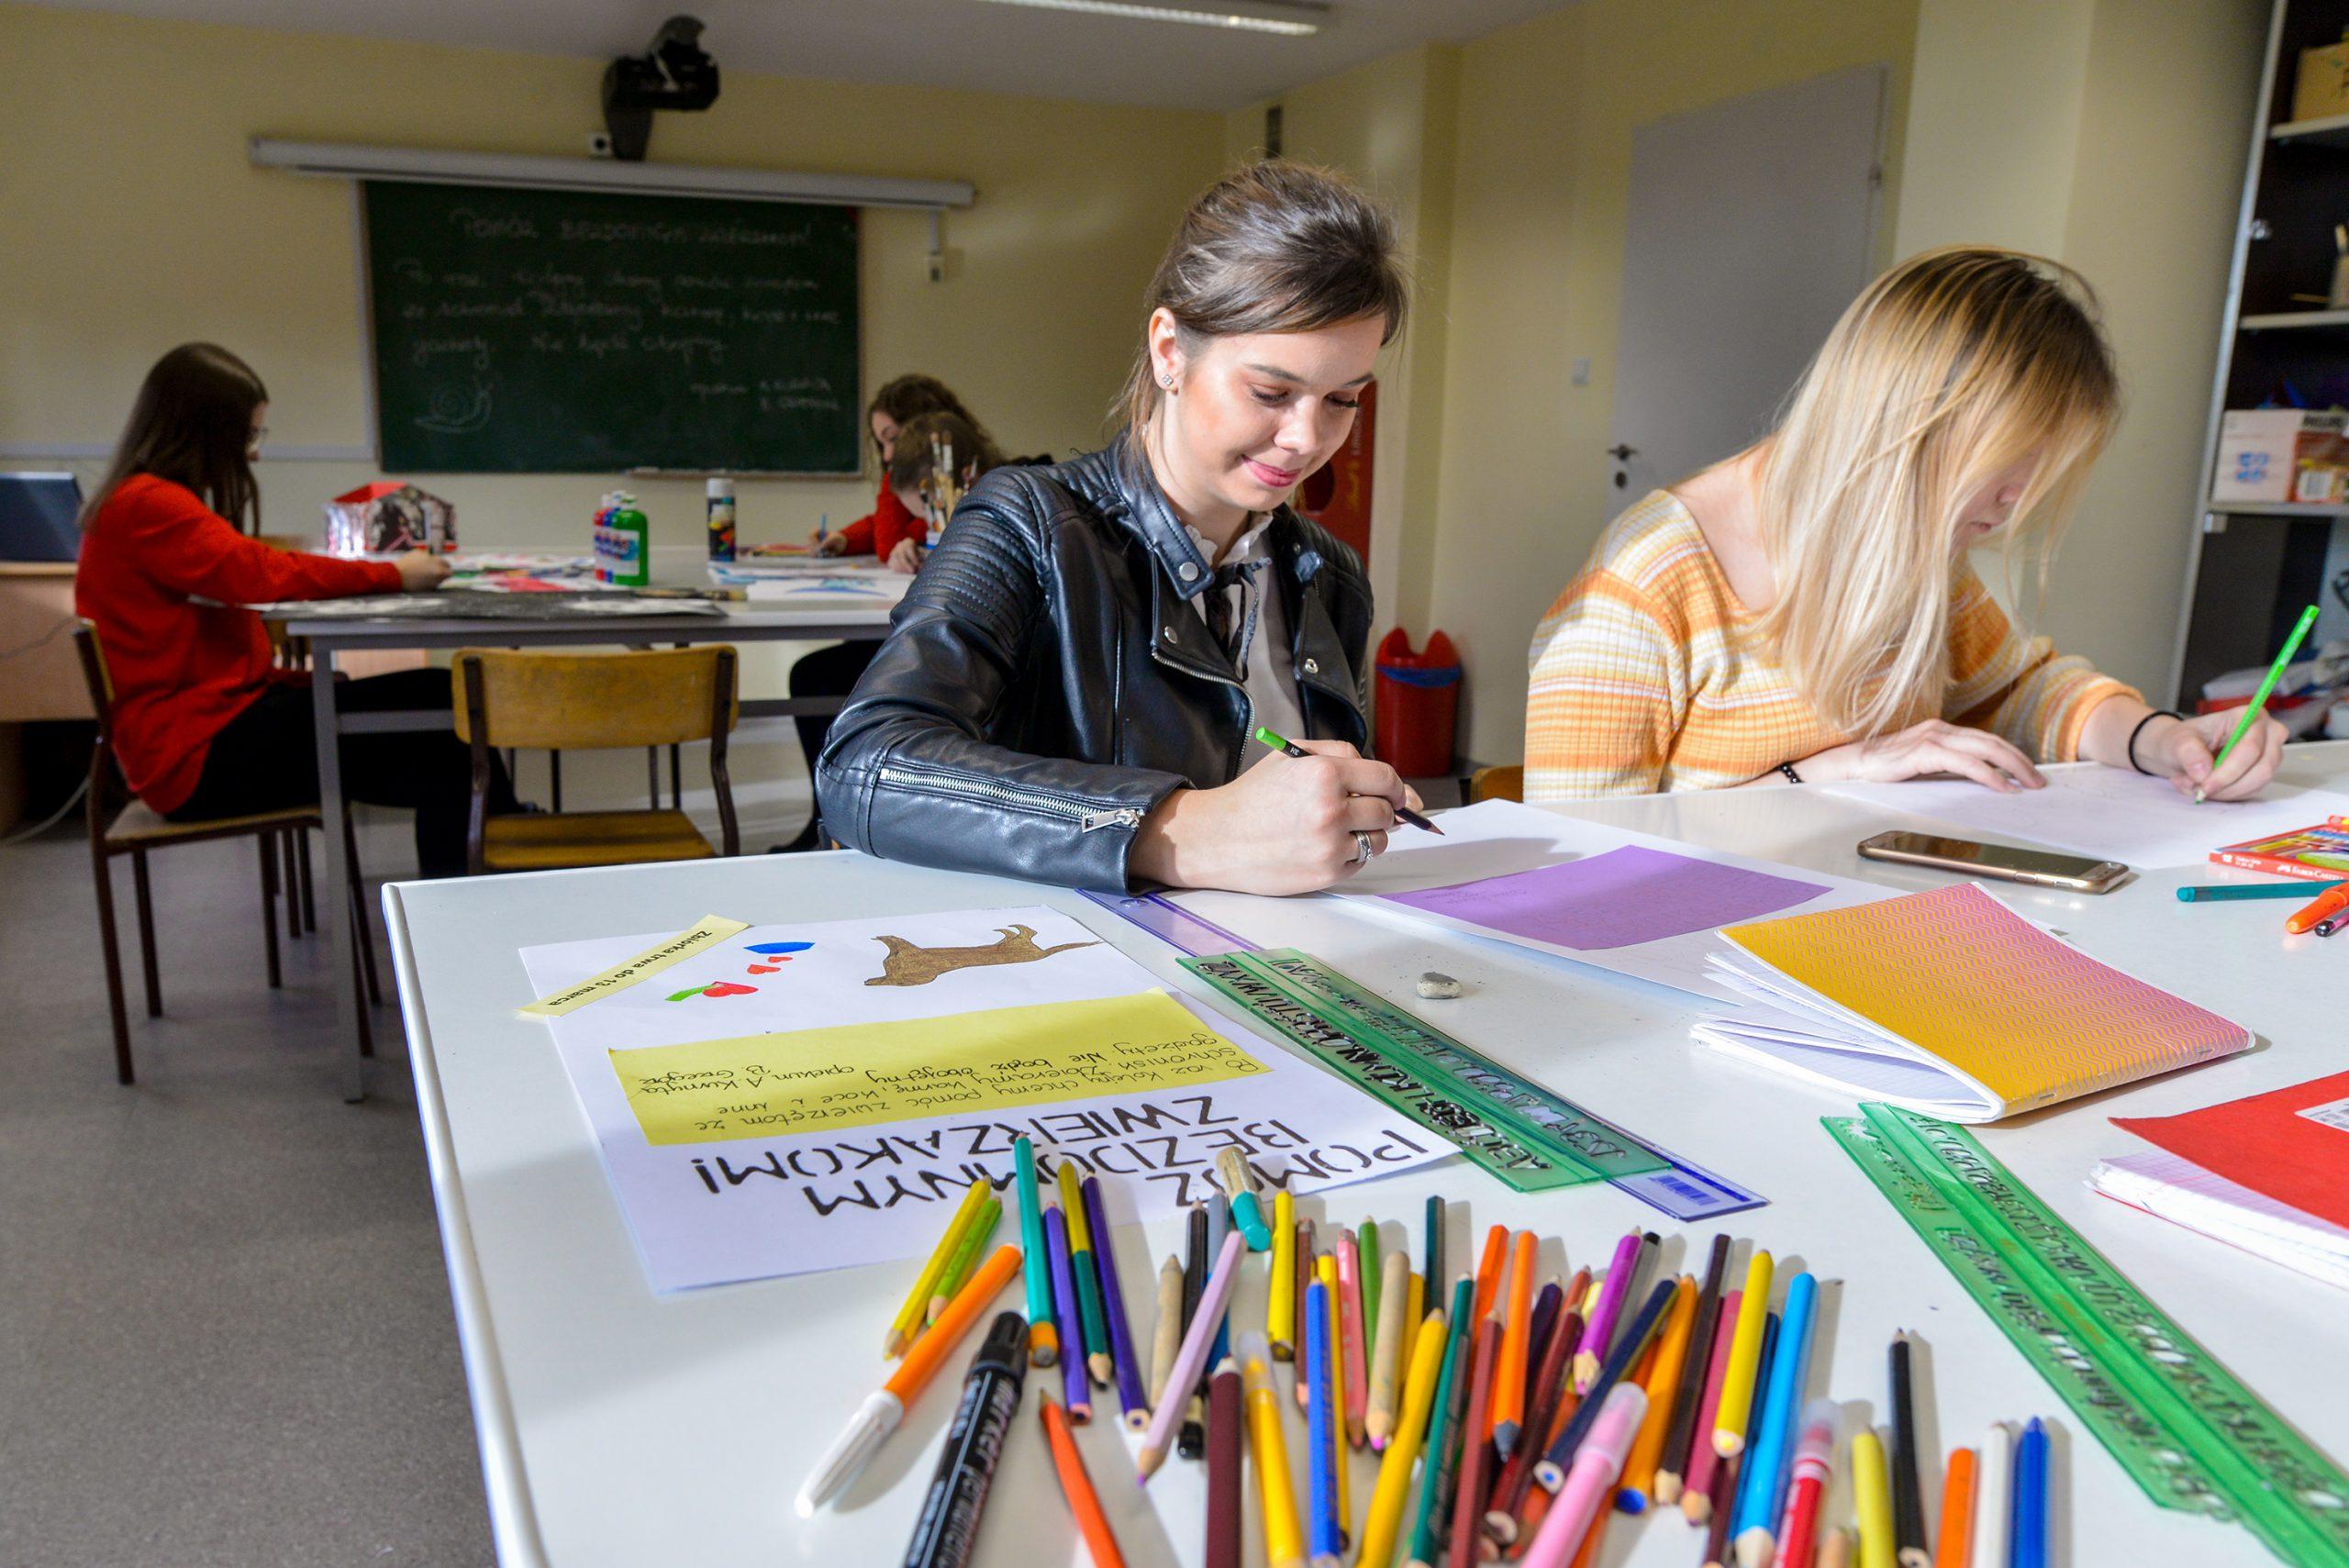 Uczniowie podczas twórczej pracy na zajęciach technicznych